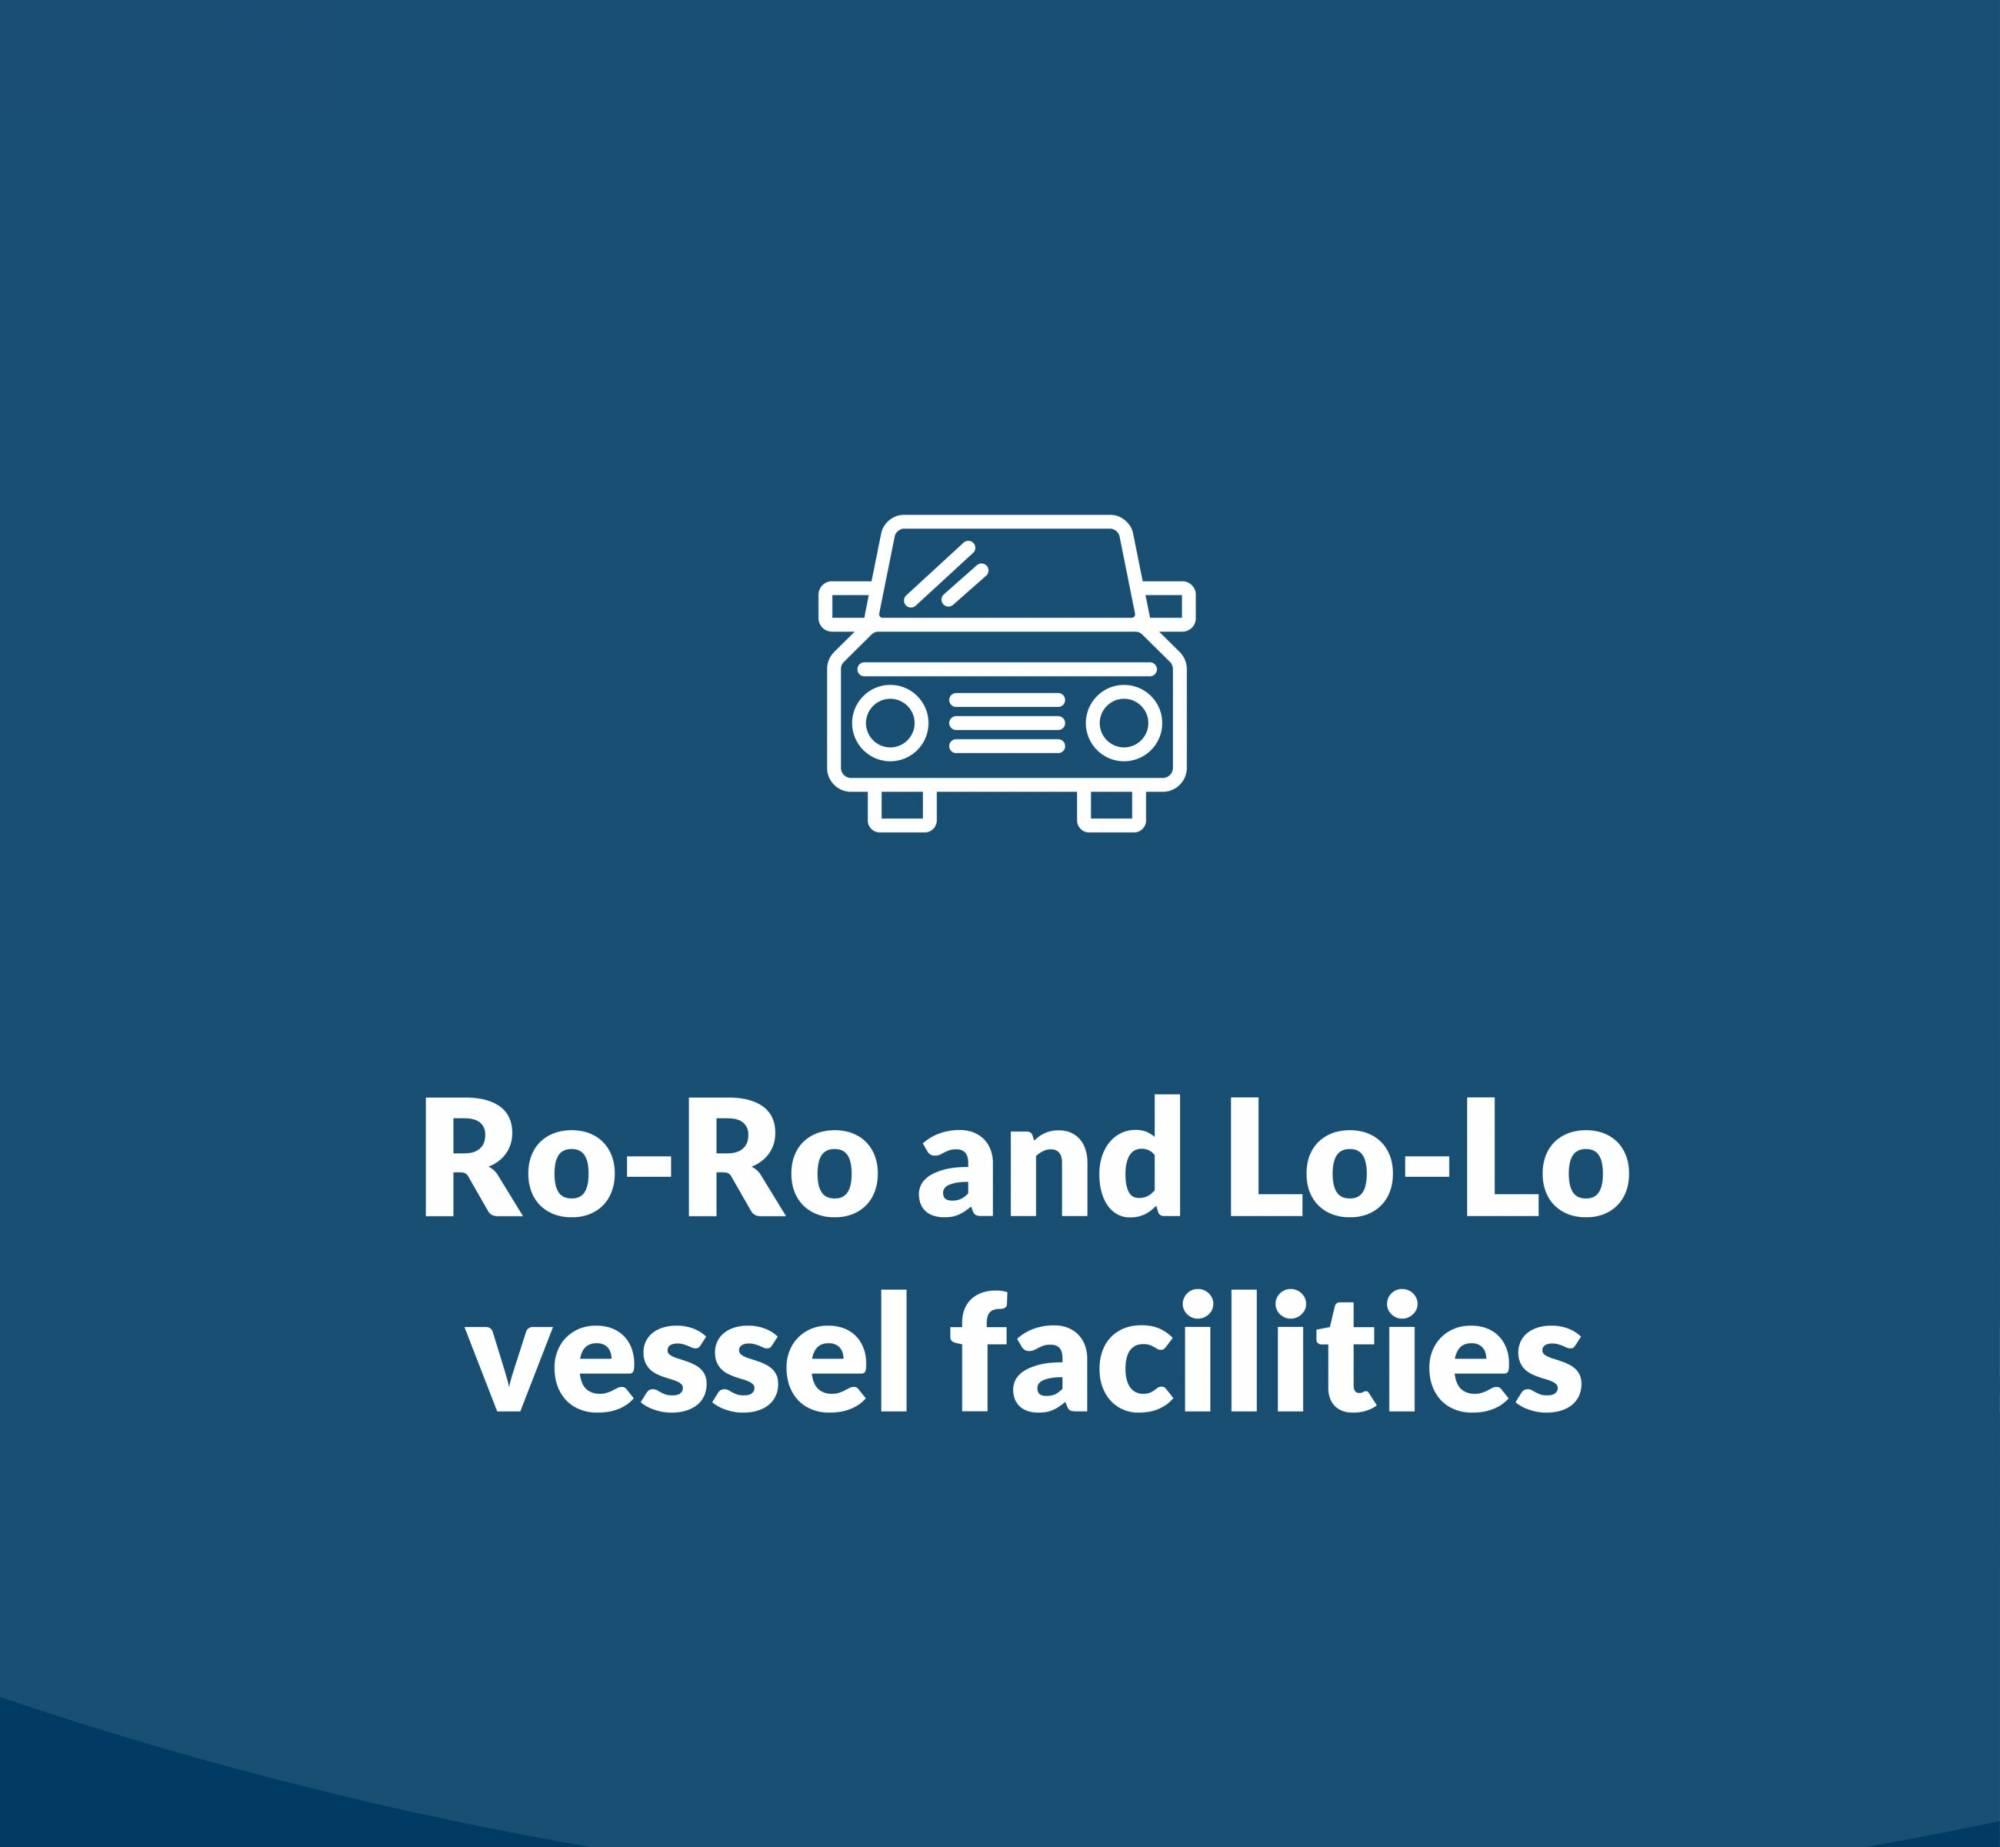 Ro-Ro and Lo-Lo vessel facilities